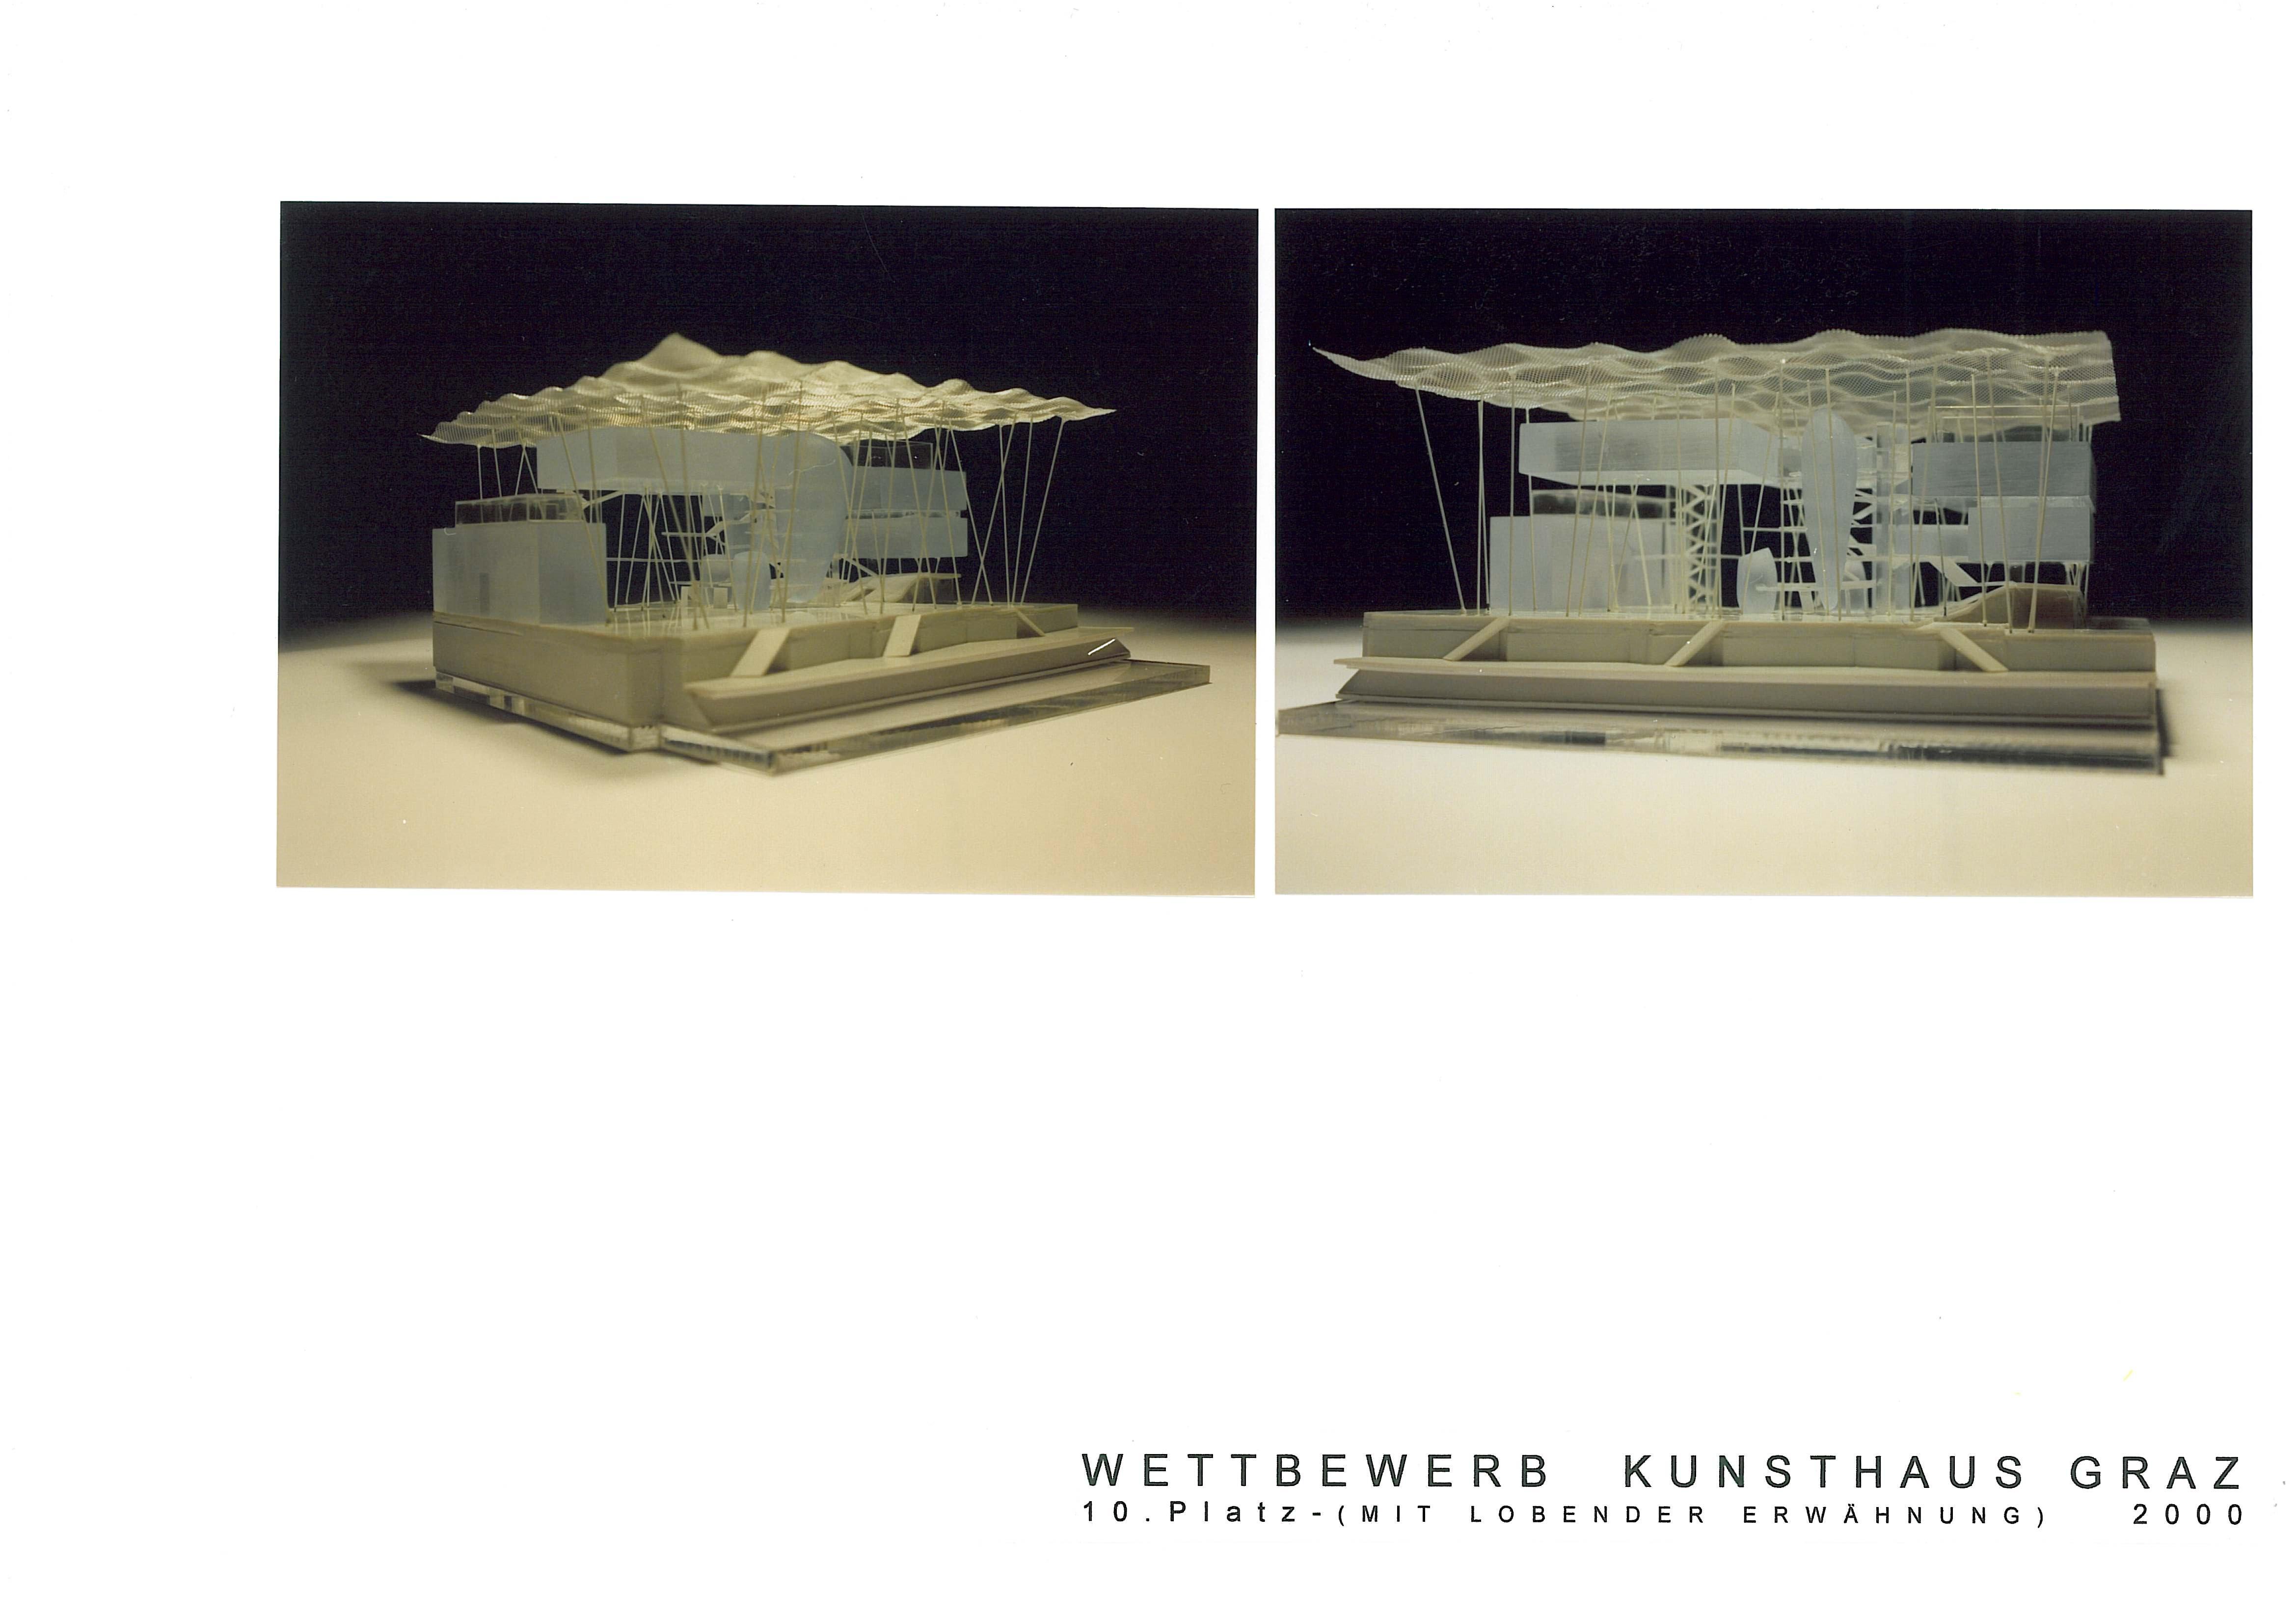 _1-PRIMUS_WB_Kunsthaus-Graz_1